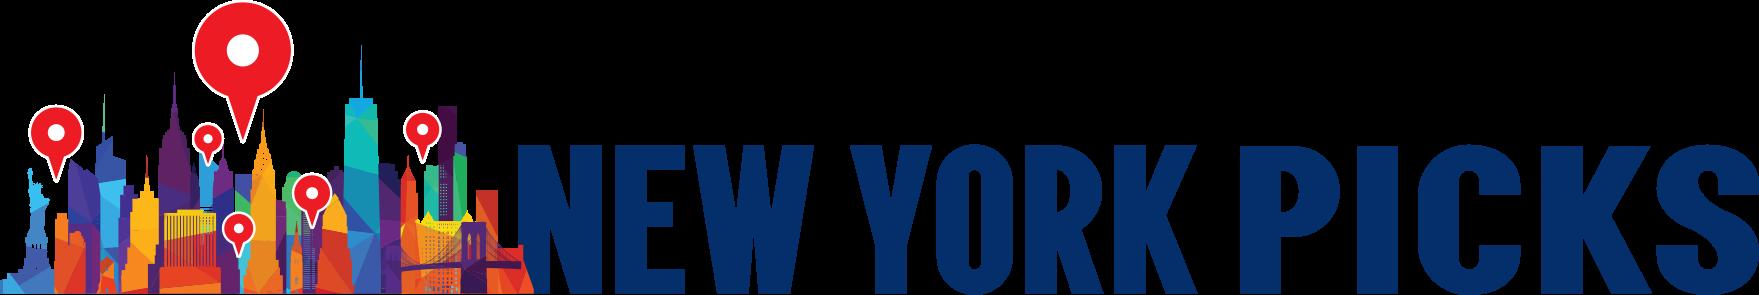 NEW YORK PICKS | ニューヨークピックス